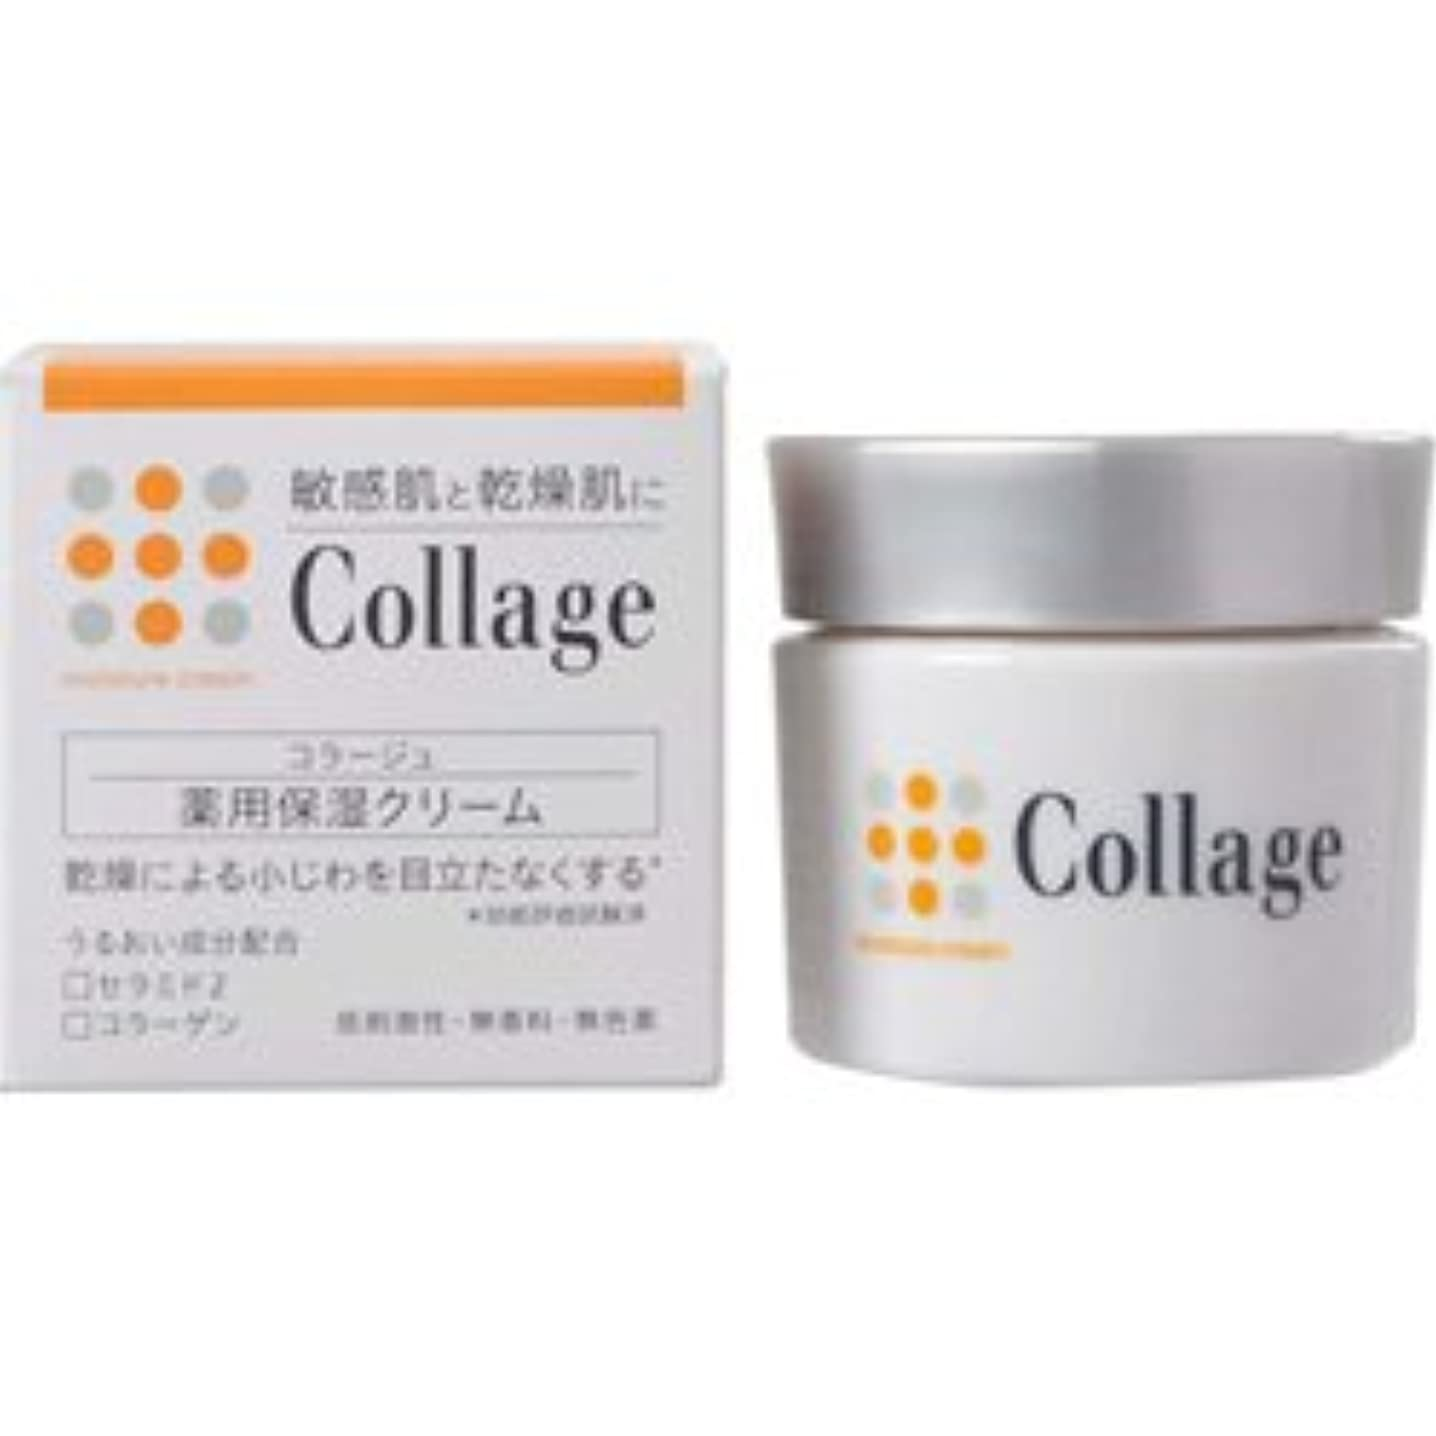 亜熱帯人物言う【持田ヘルスケア】 コラージュ薬用保湿クリーム 30g (医薬部外品) ×3個セット